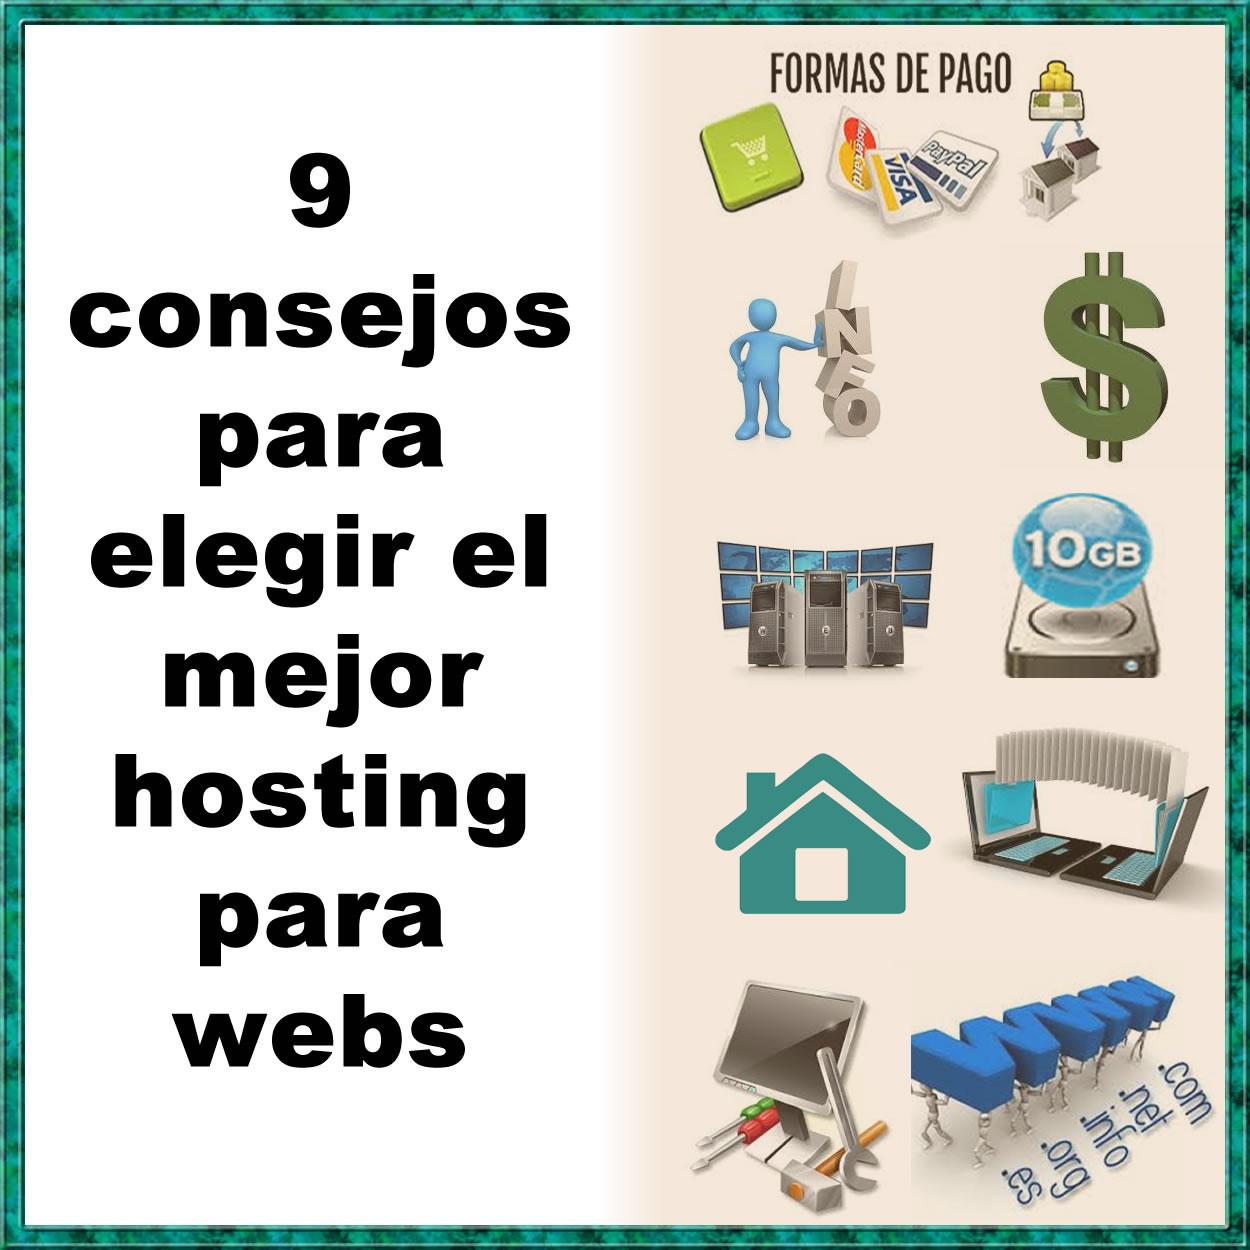 10 consejos para elegir el mejor hosting para webs